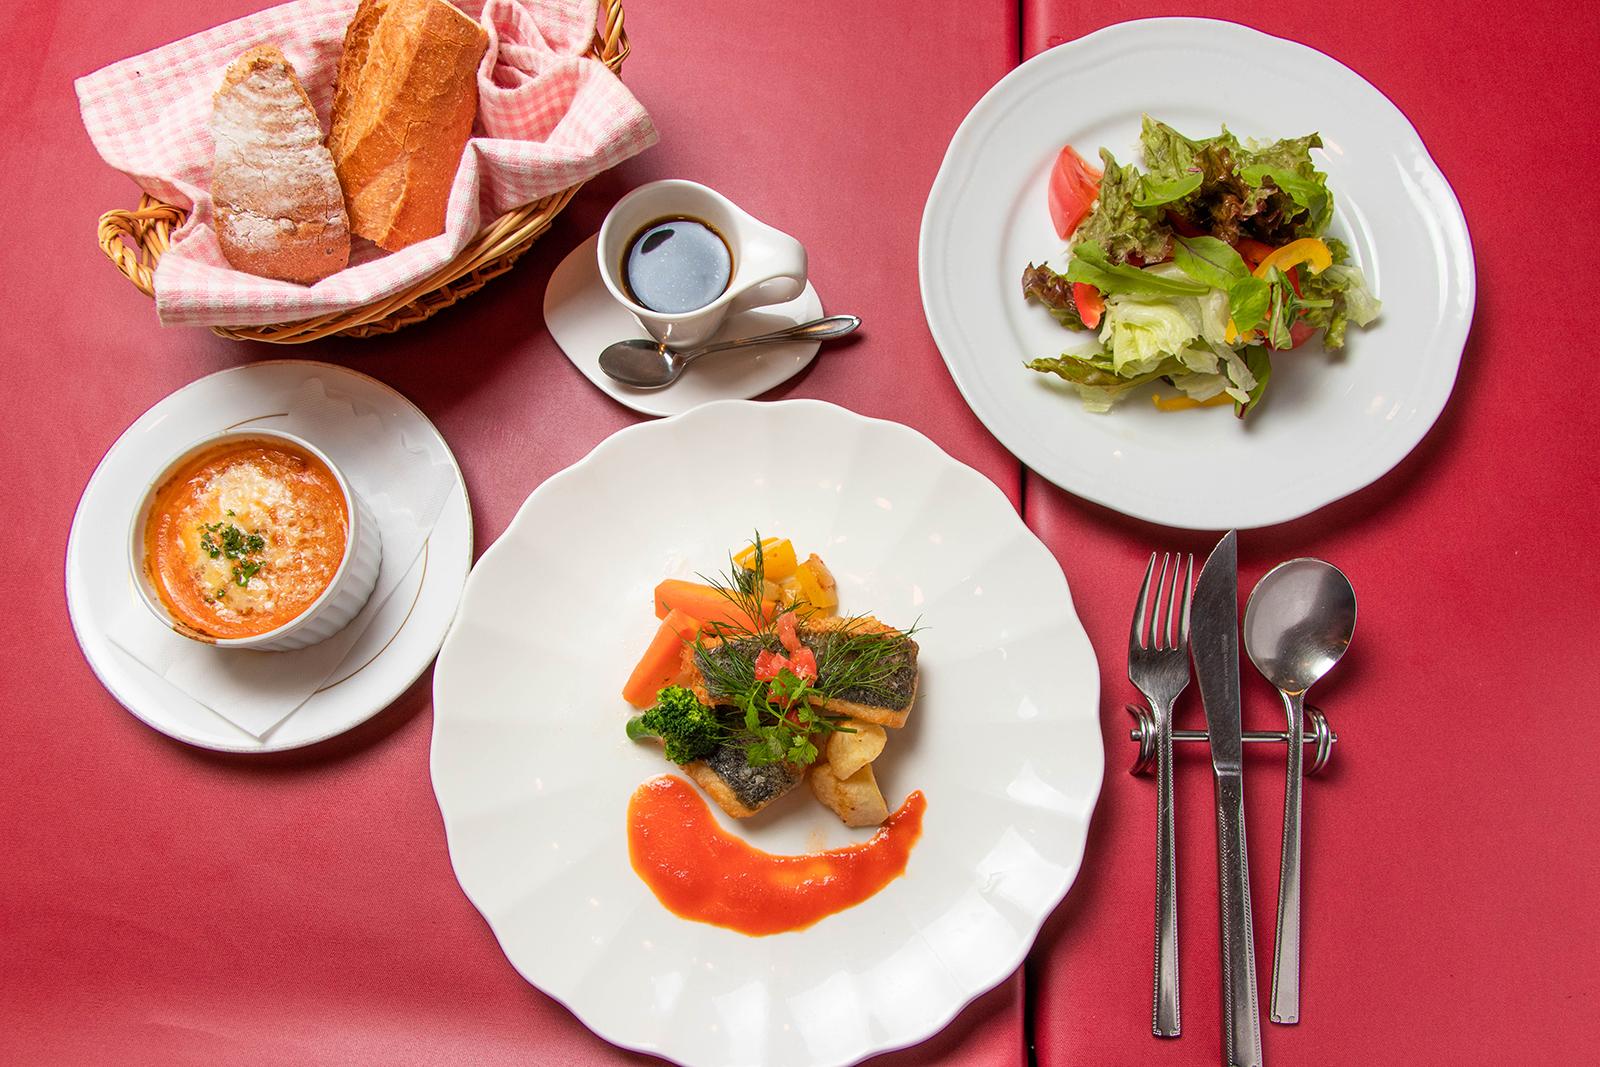 ランチ《白身魚のソテー トマトソース》¥1,840【税込】